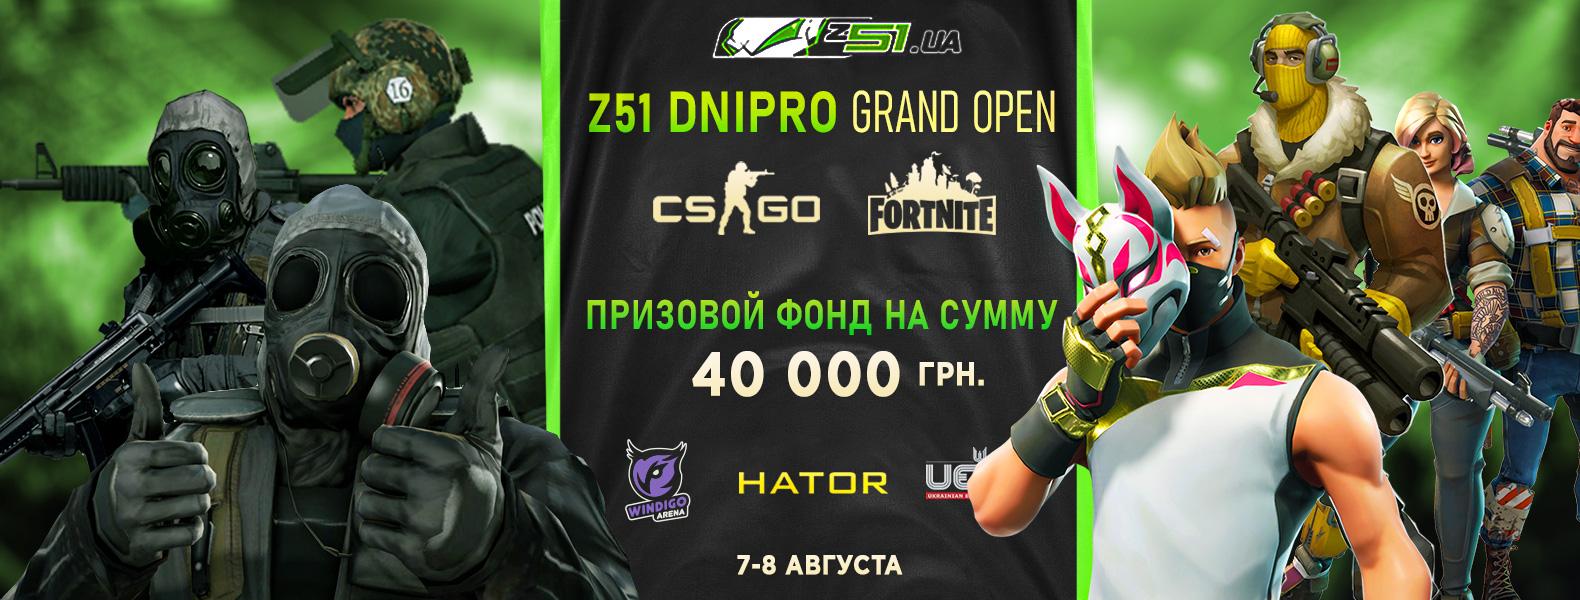 Турнир z51 Dnipro Grand Open в честь открытия магазина Зона51 в Днепре